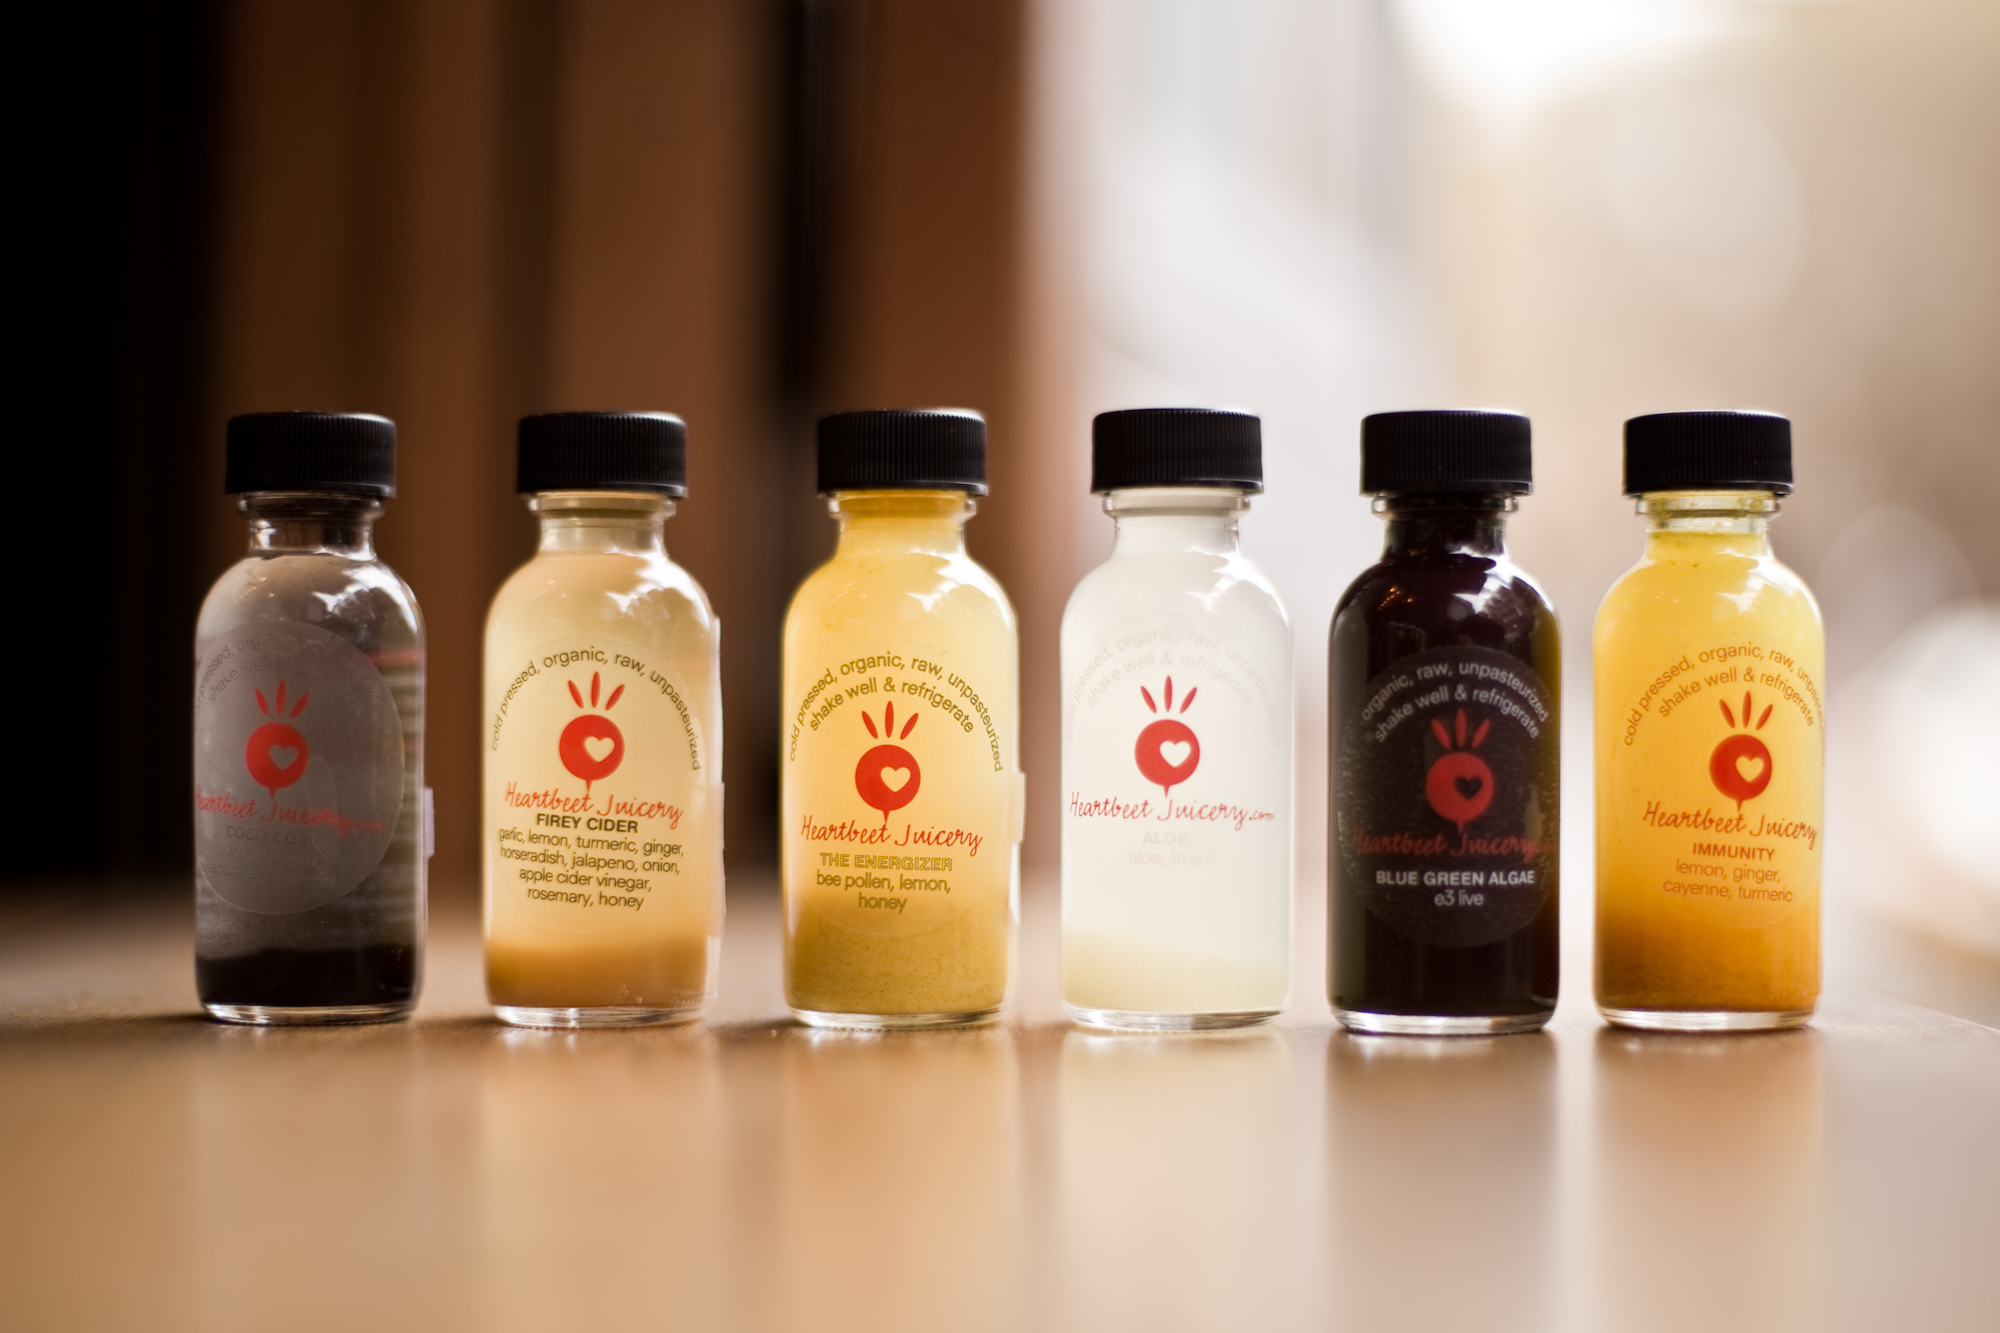 Whole Foods Detoxifier Juice